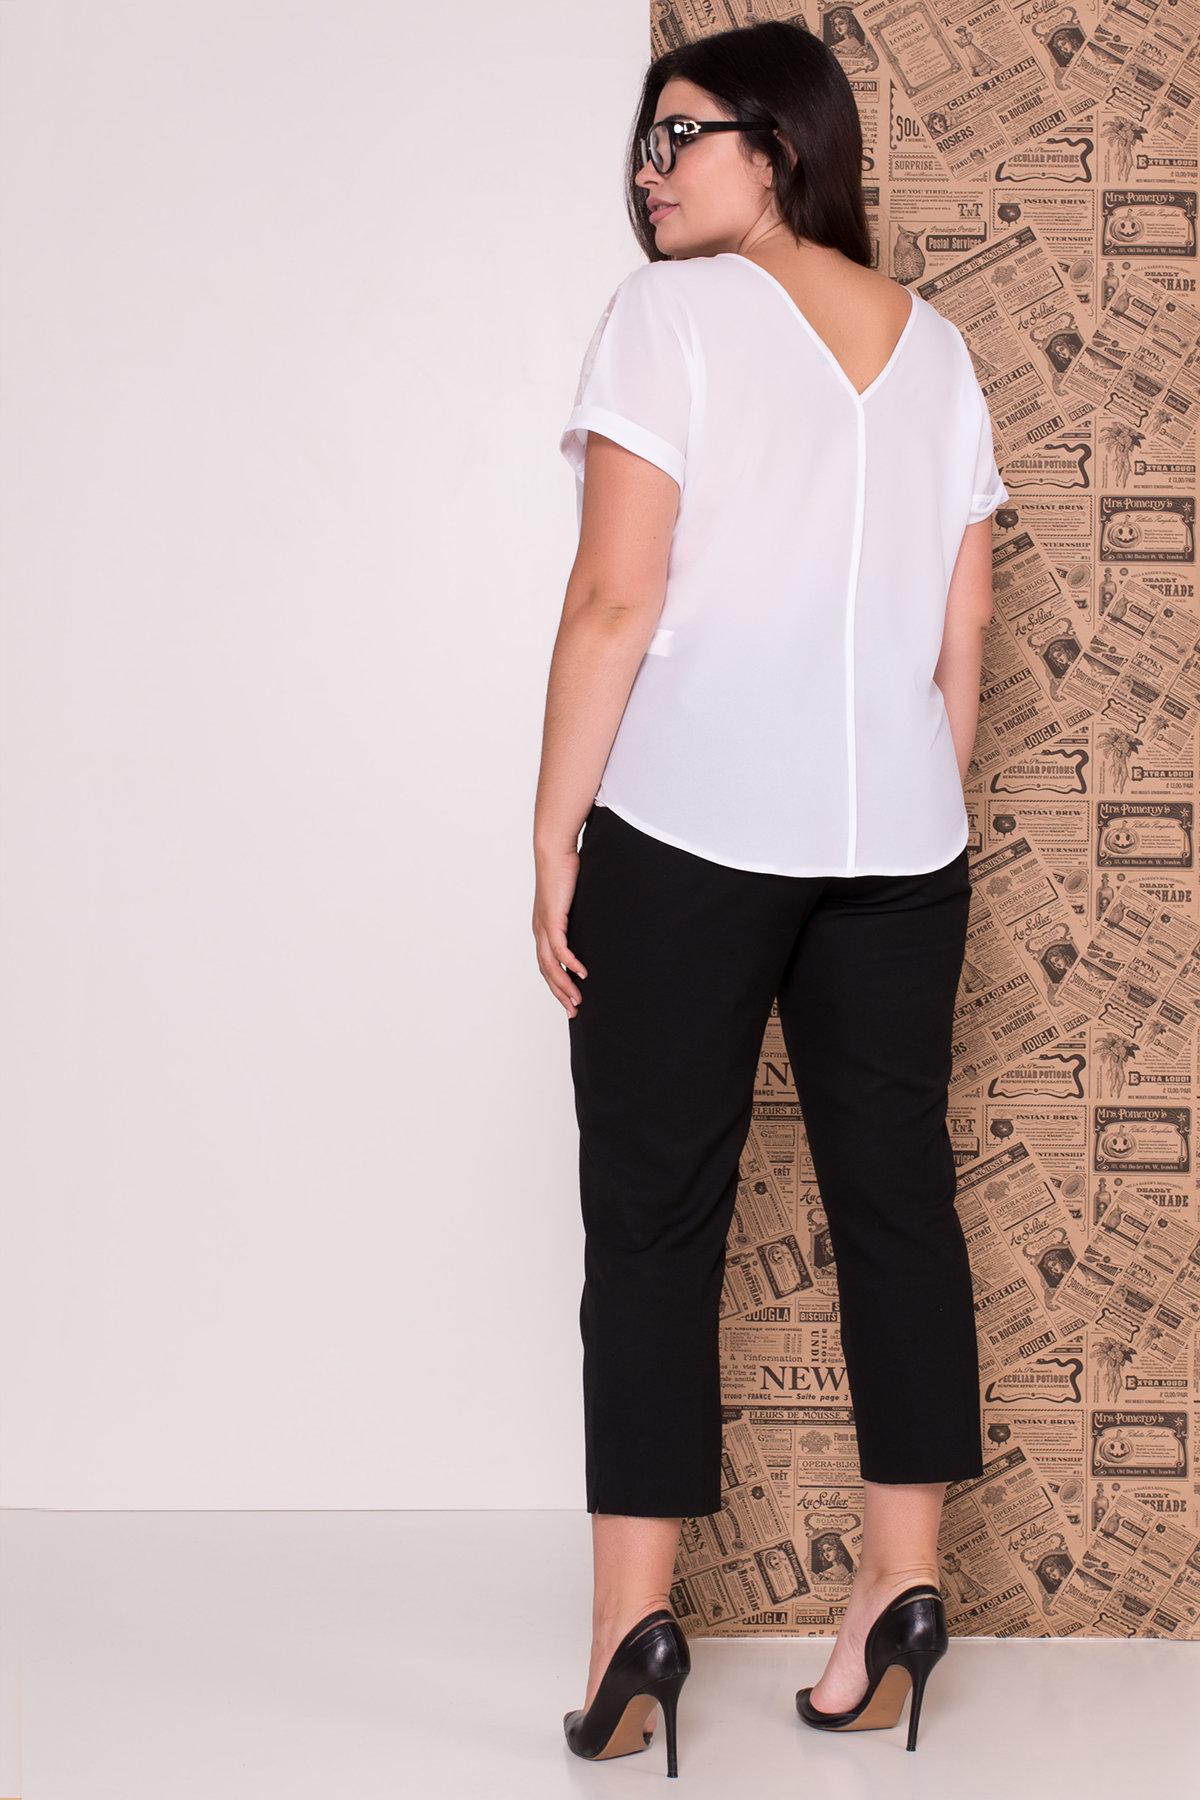 Блуза Свит DONNA 7777 АРТ. 43659 Цвет: Белый - фото 2, интернет магазин tm-modus.ru